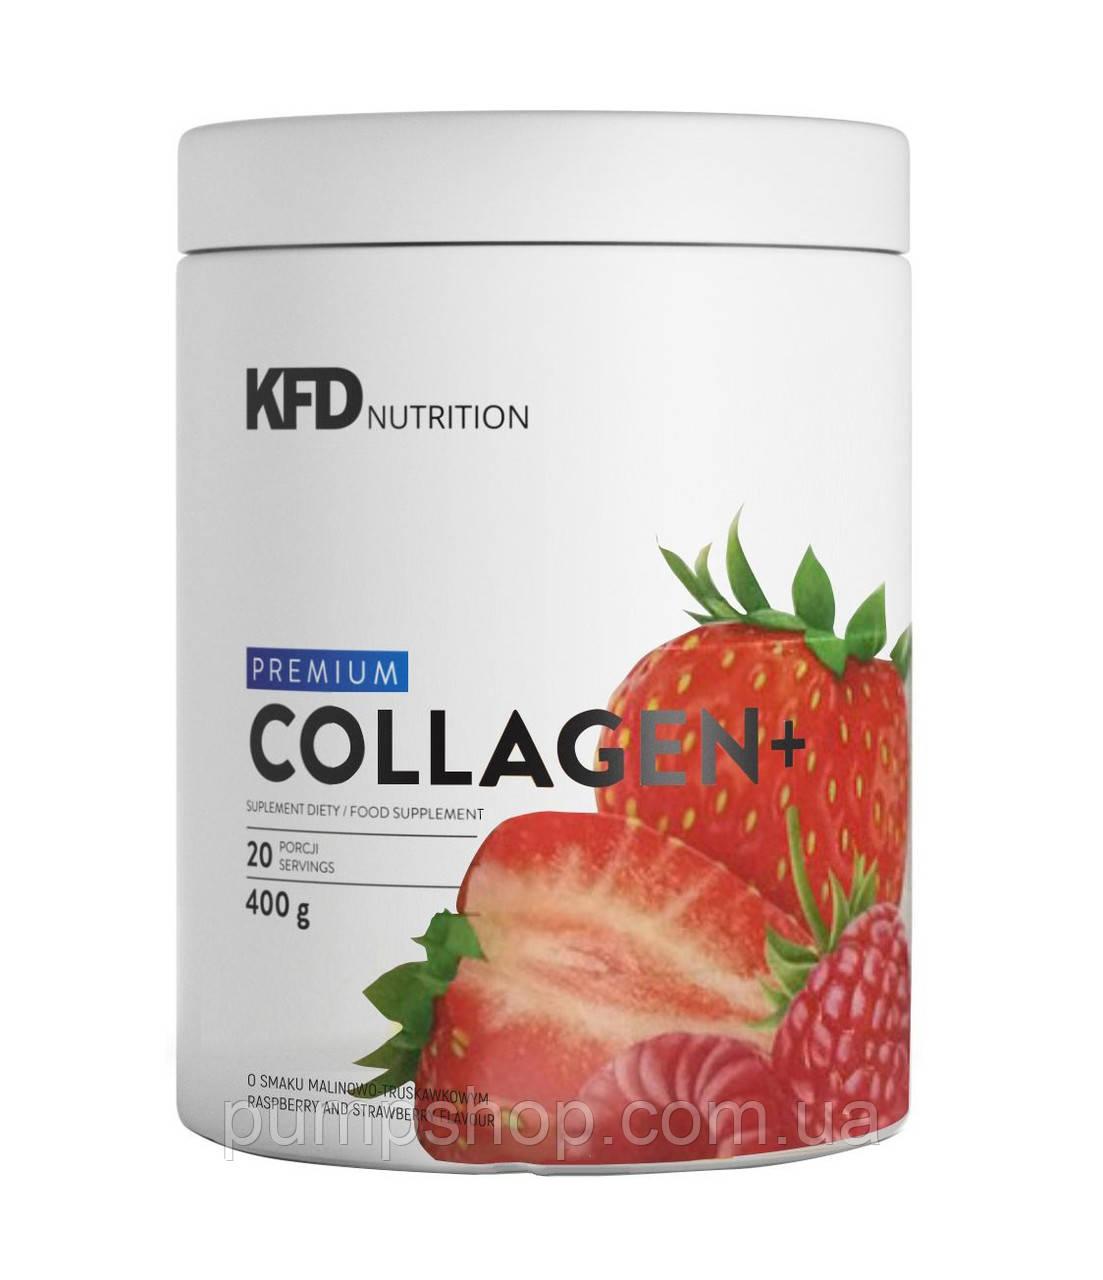 Коллаген KFD Nutrition Premium Collagen Plus 400 г